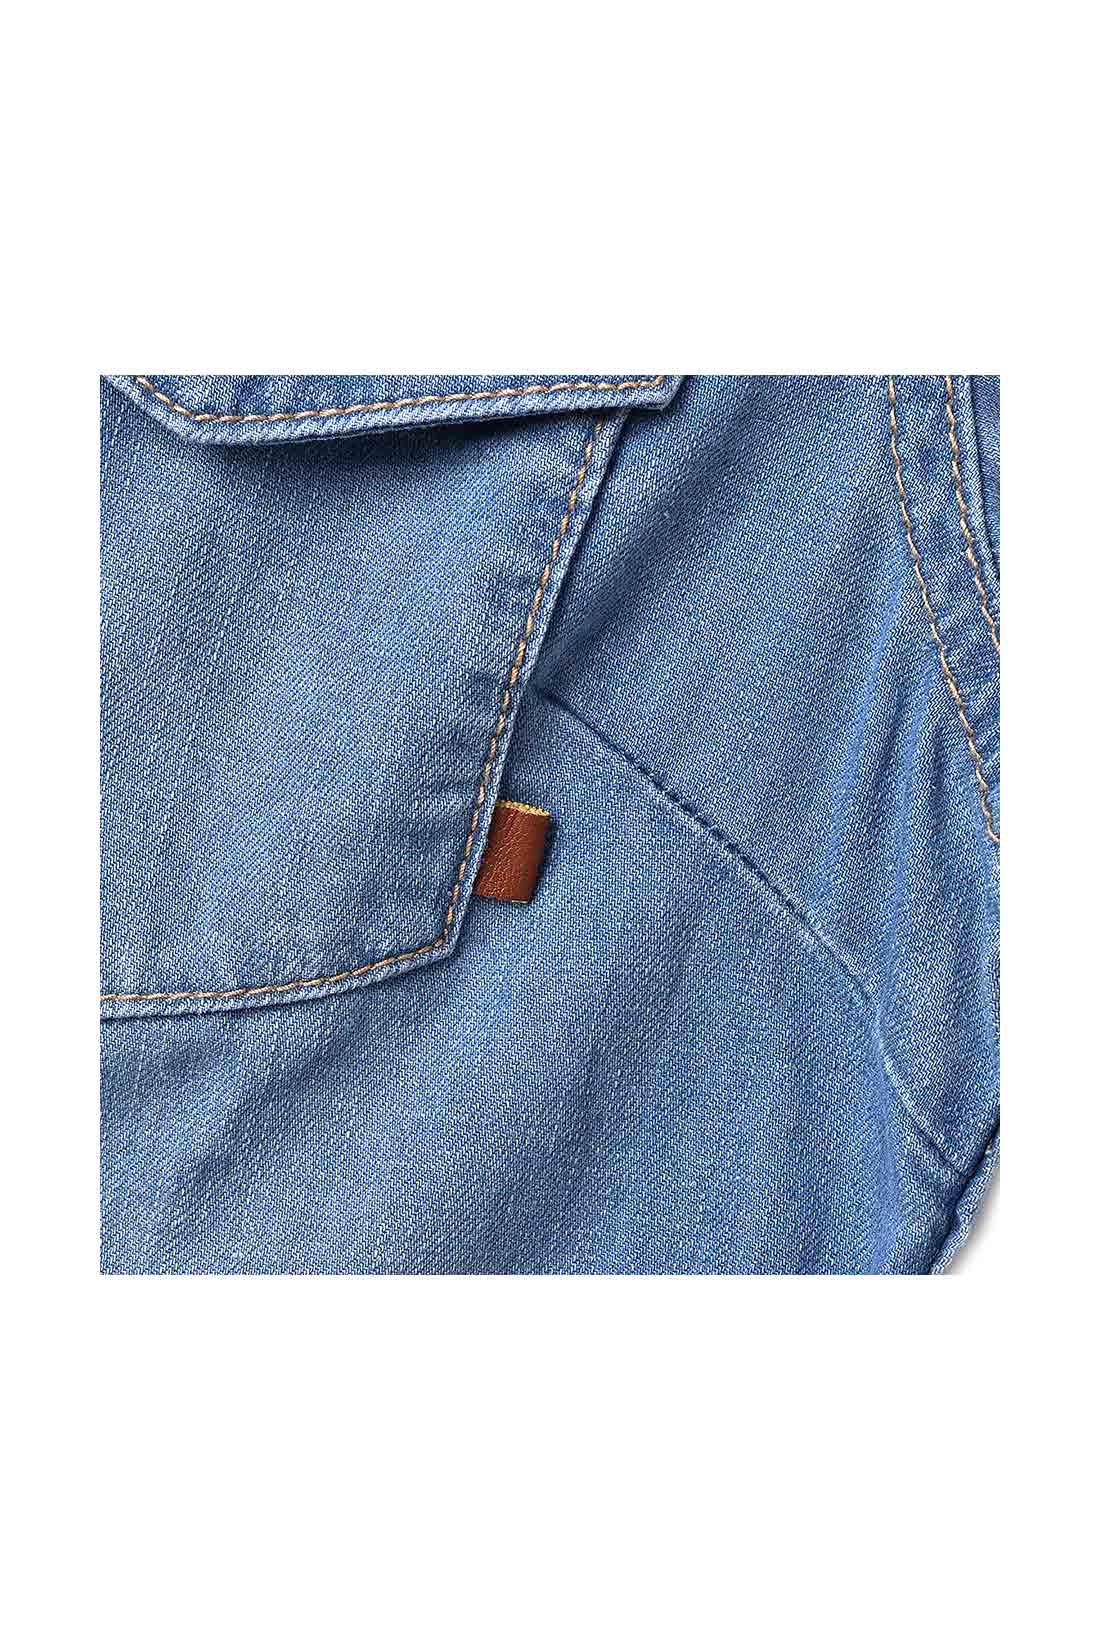 ポケットには合皮のタブのワンポイント。